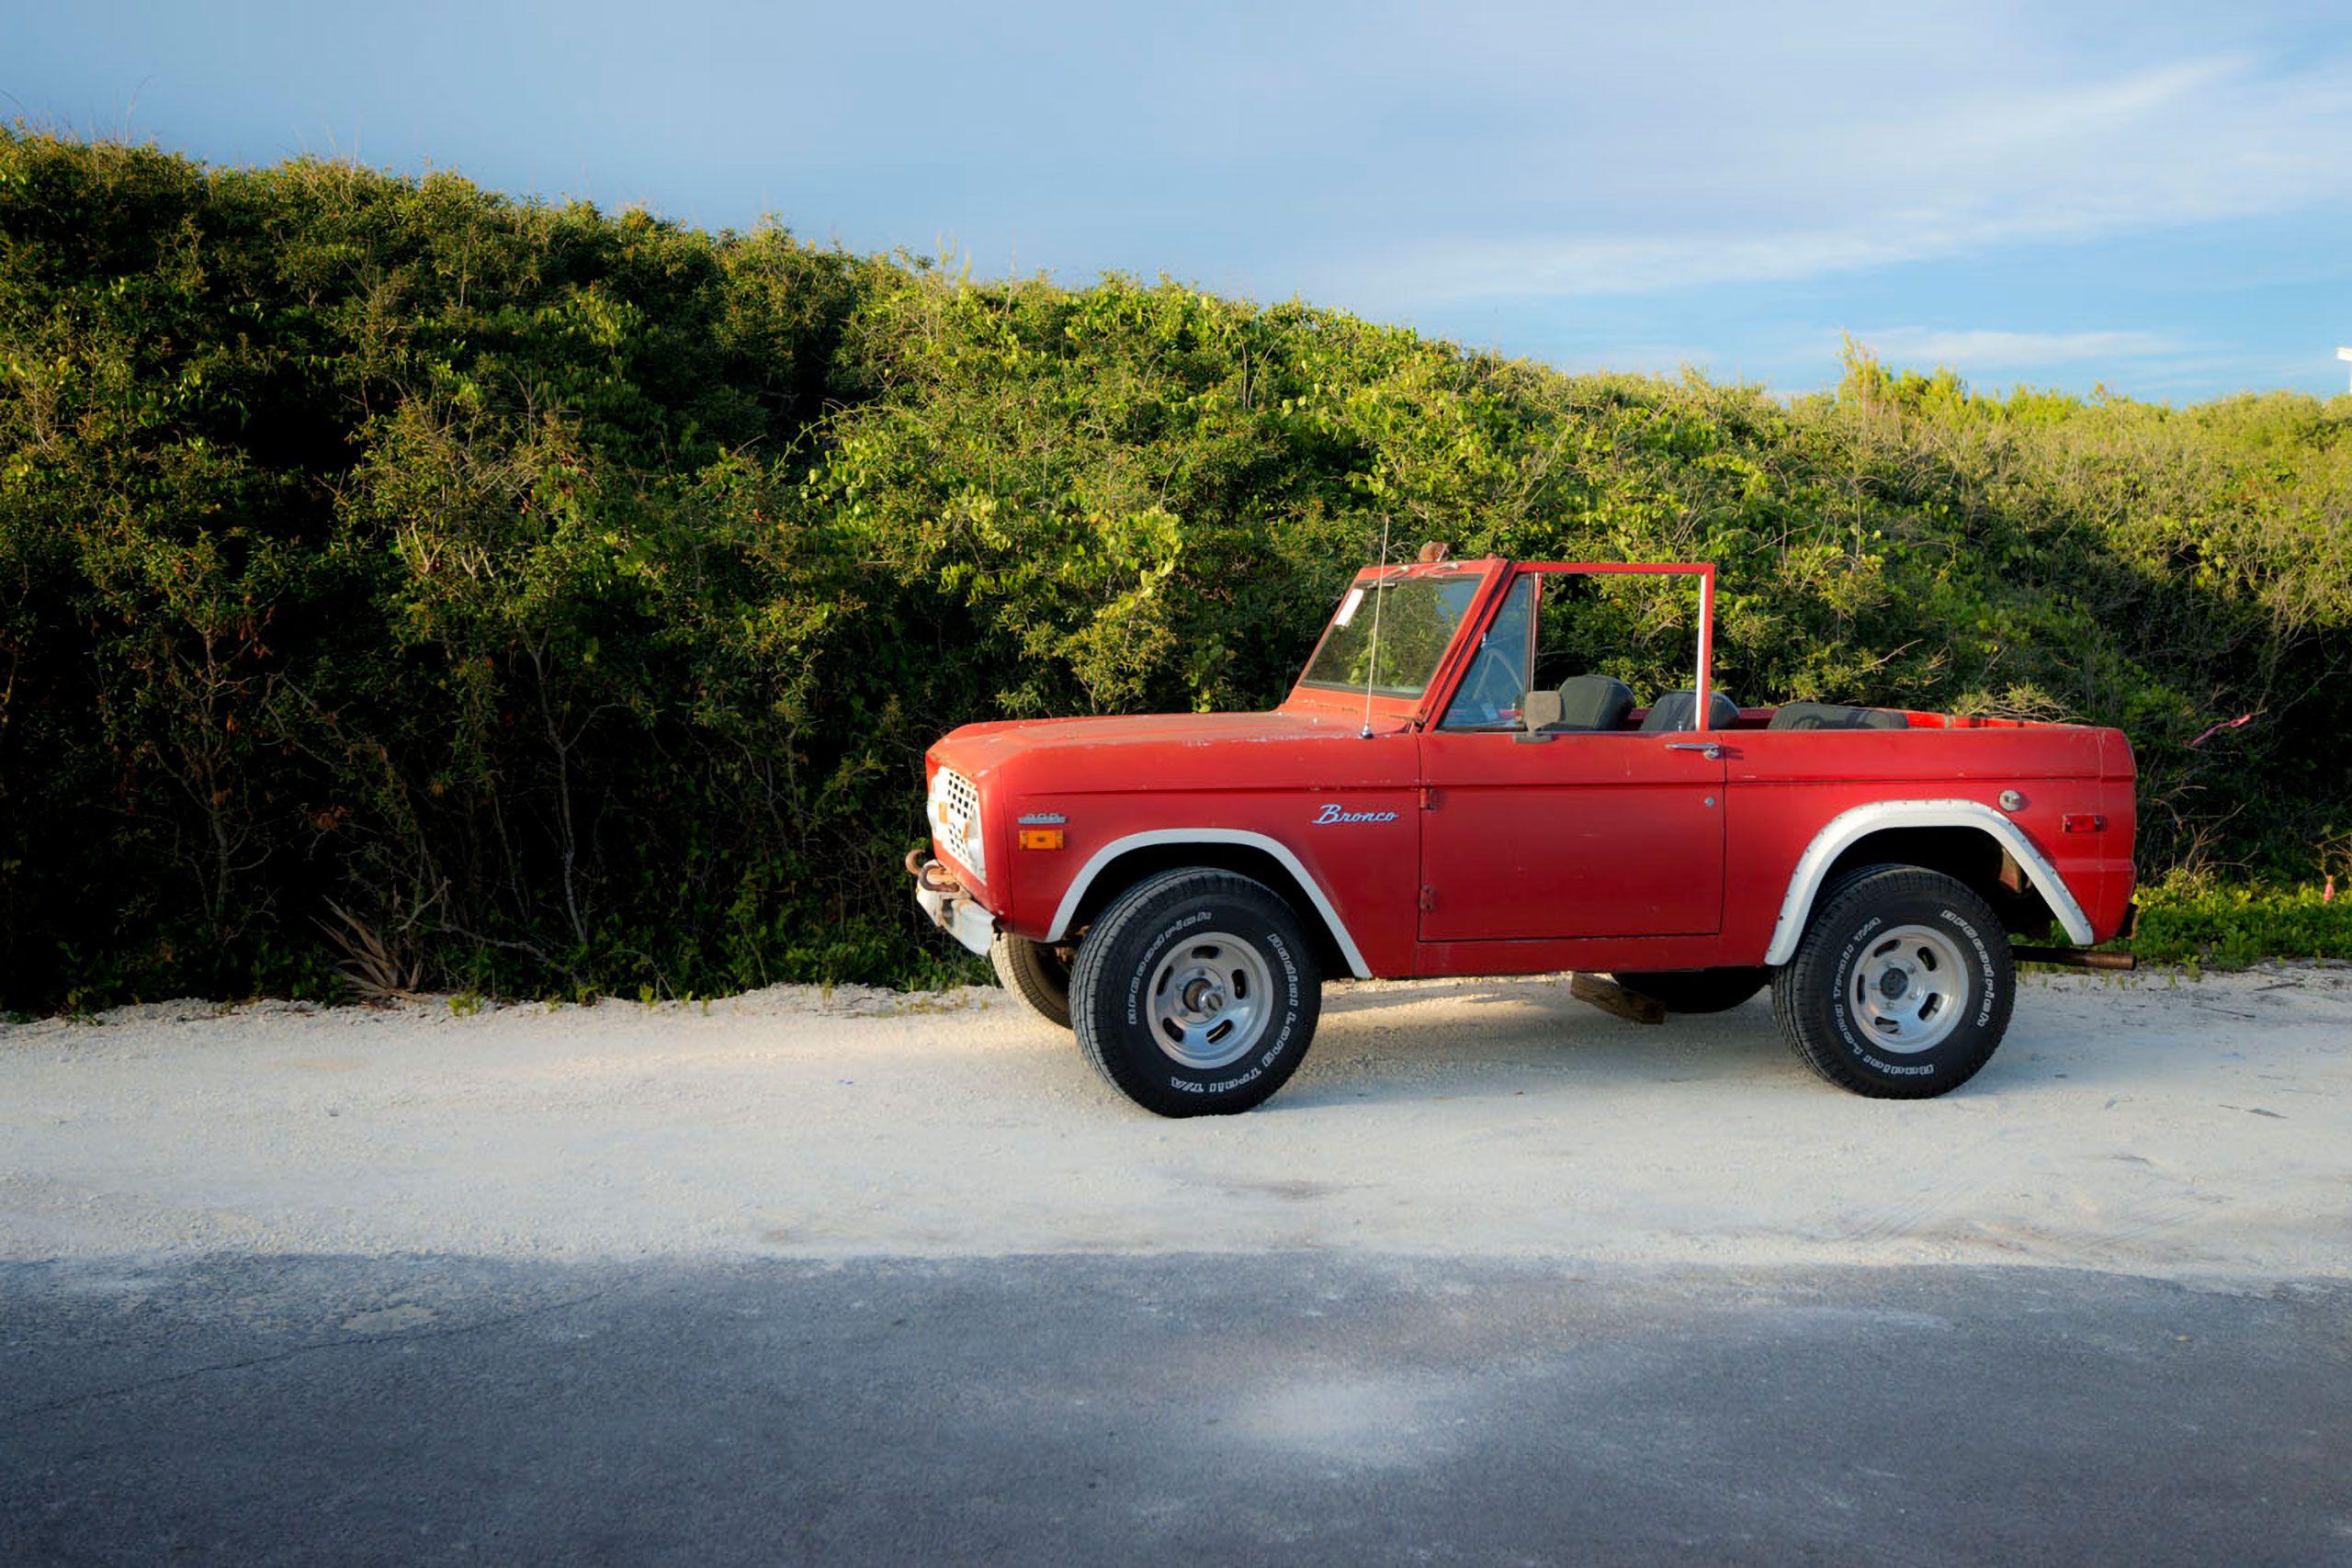 Ford Bronco Santa Rosa Beach Florida Blue Mountain Beach